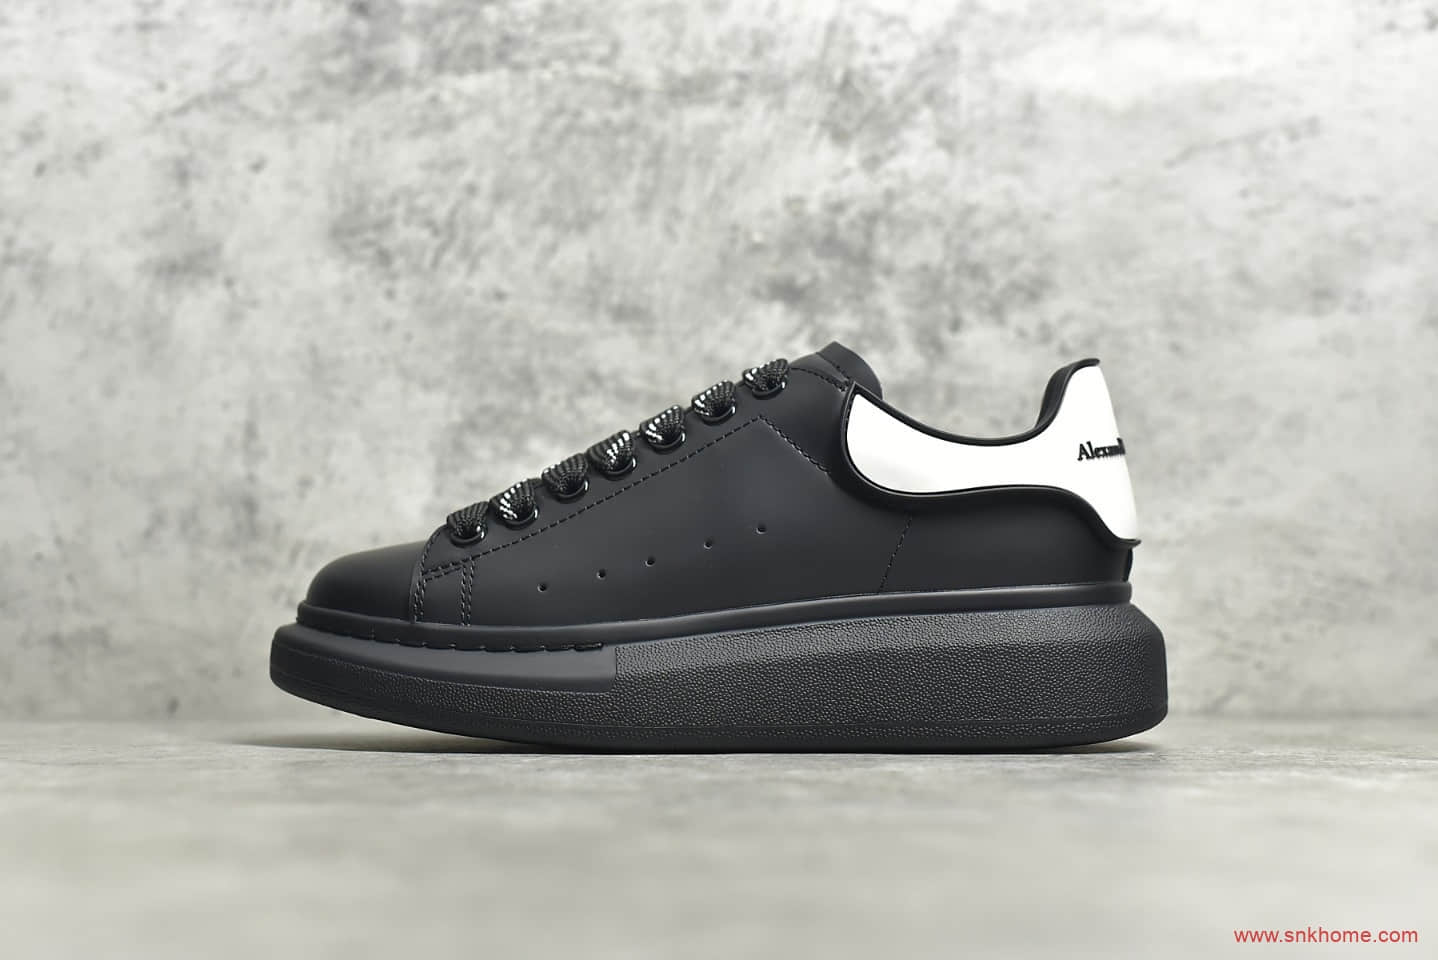 亚历山大麦昆黑色鞋面白色皮尾 Alexander McQueen亚历山大麦昆增高鞋-潮流者之家